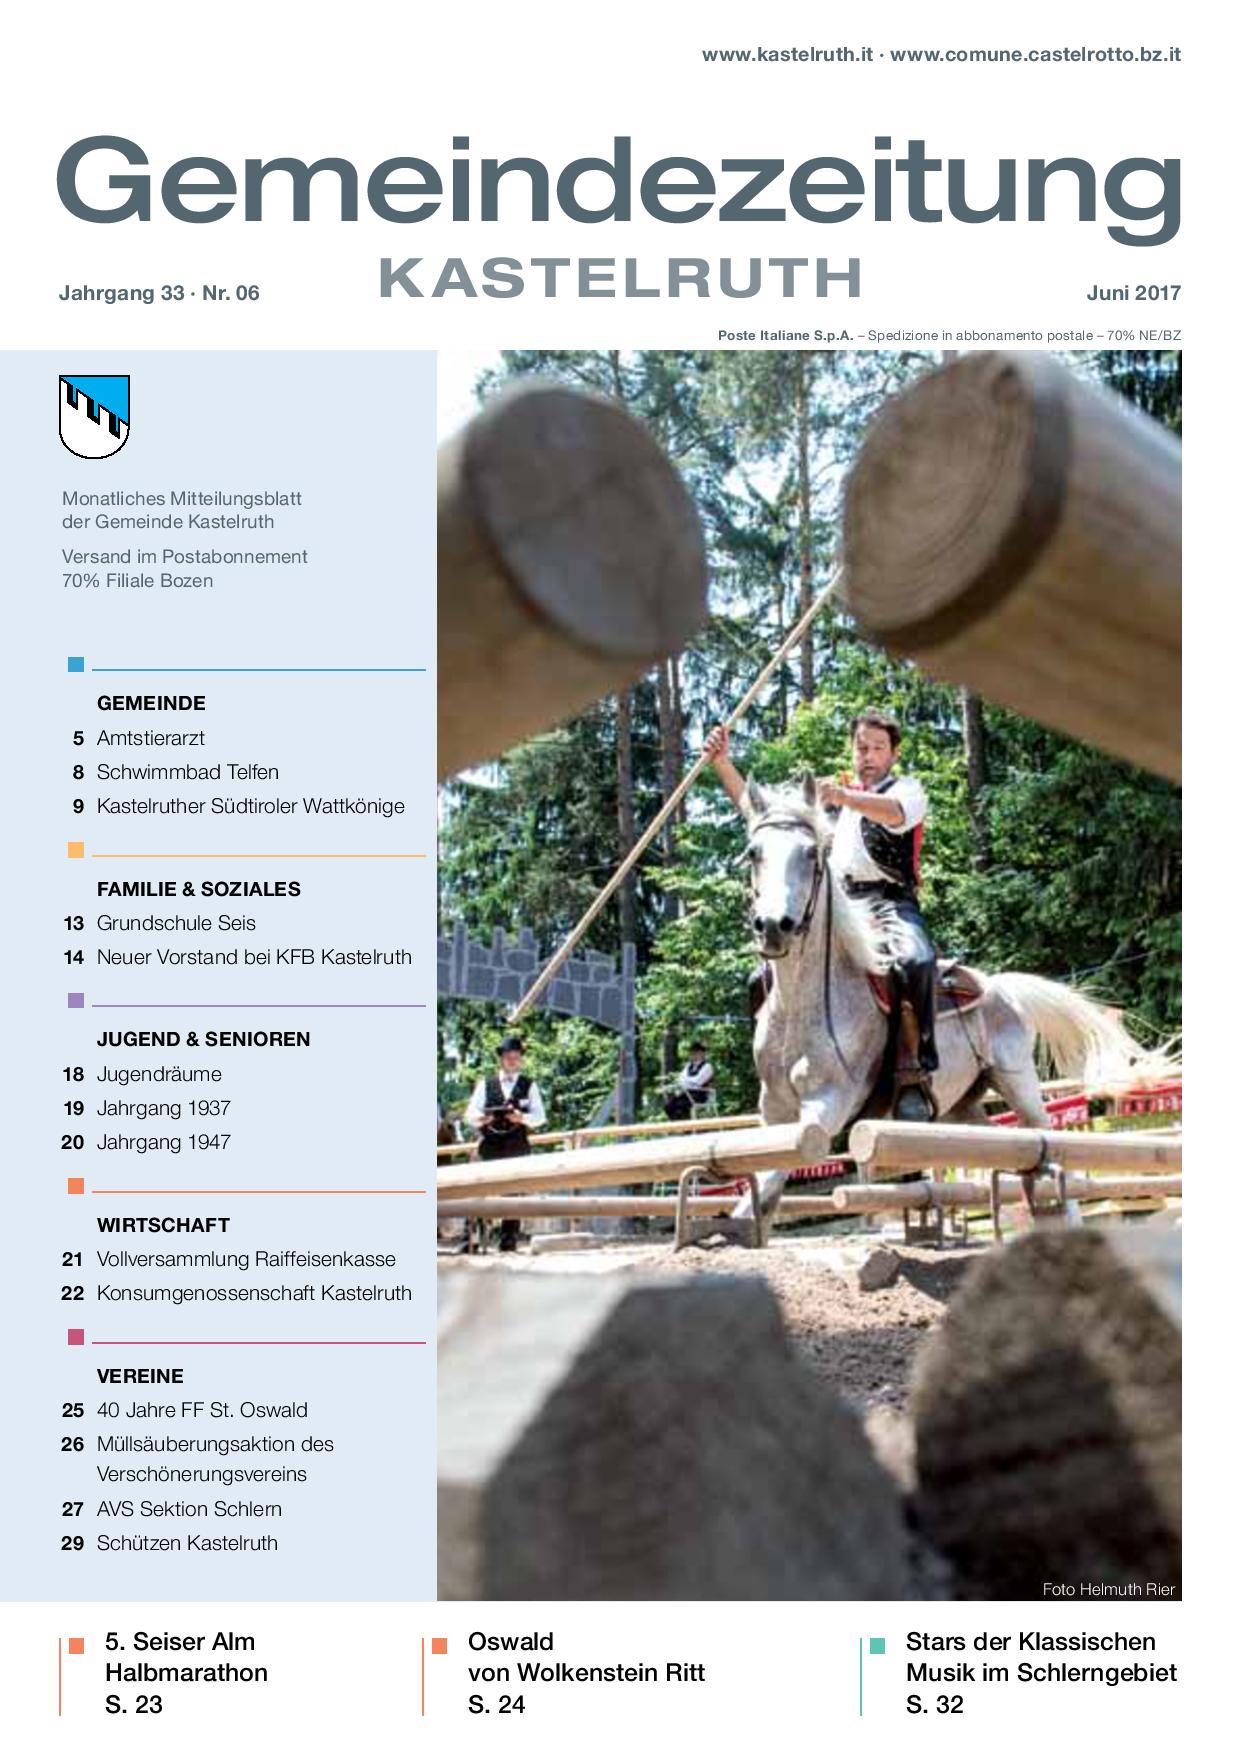 mensile del Comune di Castelrotto - edizione giugno 2017 ...